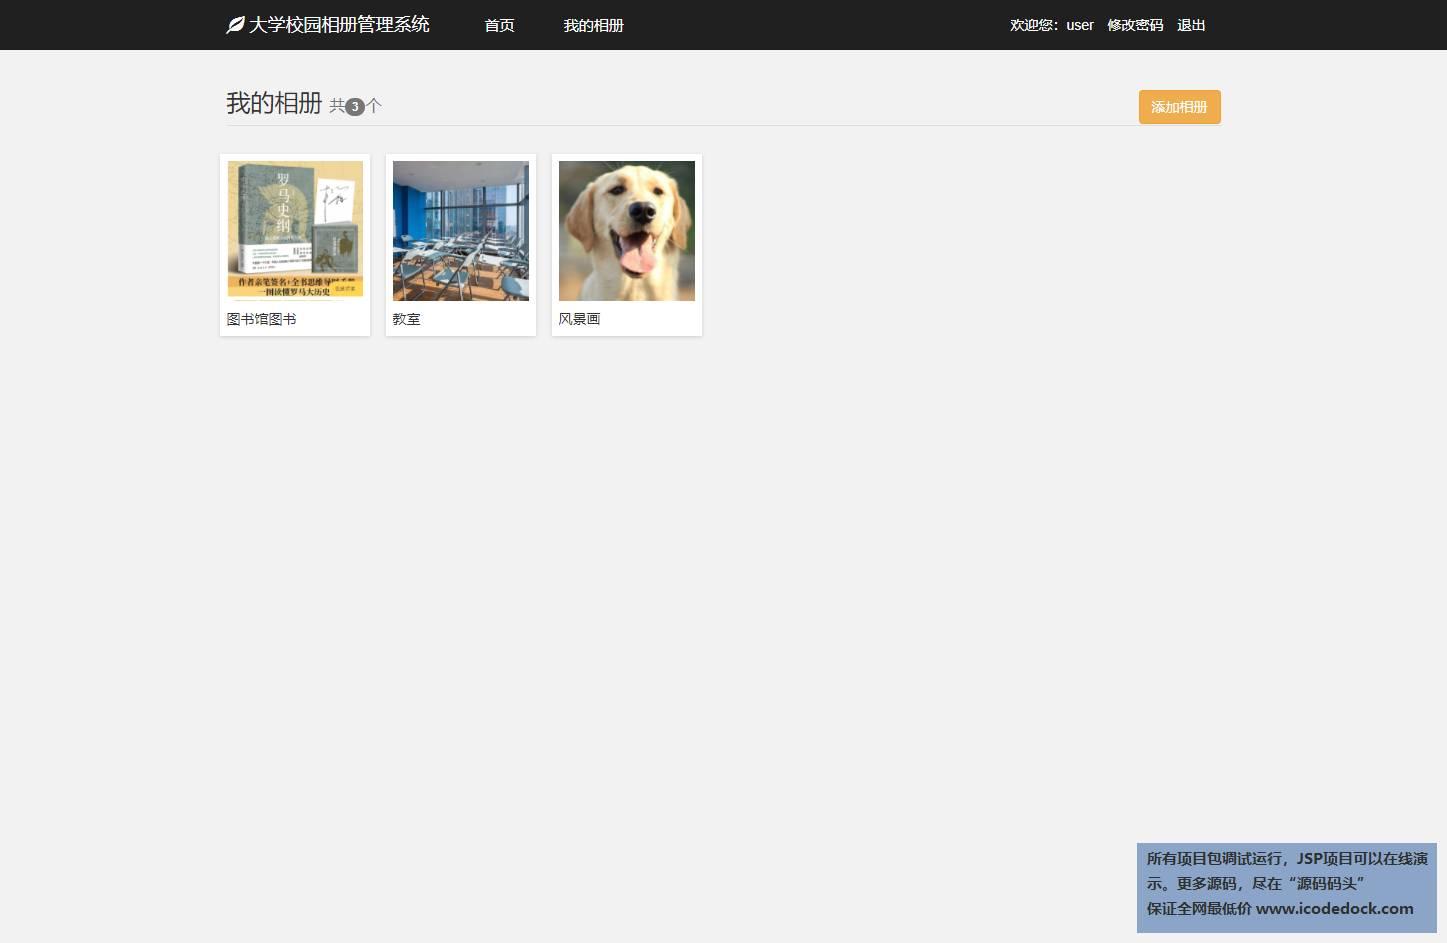 源码码头-SSM在线校园相册管理平台-用户角色-查看我的相册